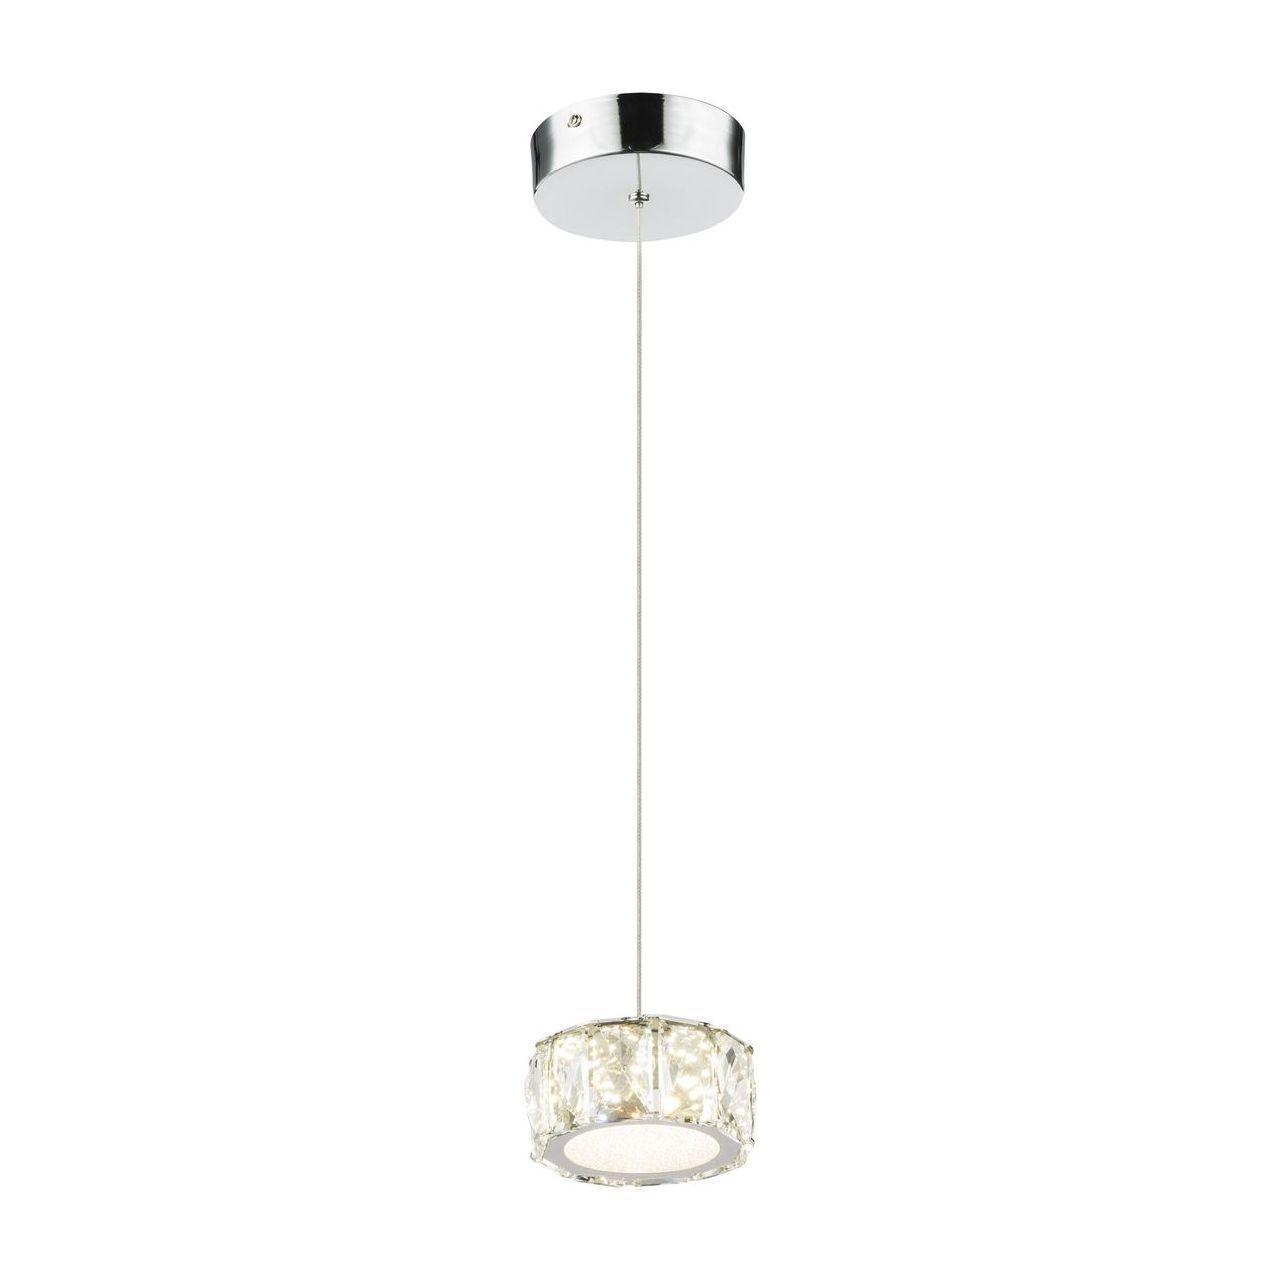 Подвесной светодиодный светильник Globo Amur 49350H подвесной светодиодный светильник globo amur 49350d1